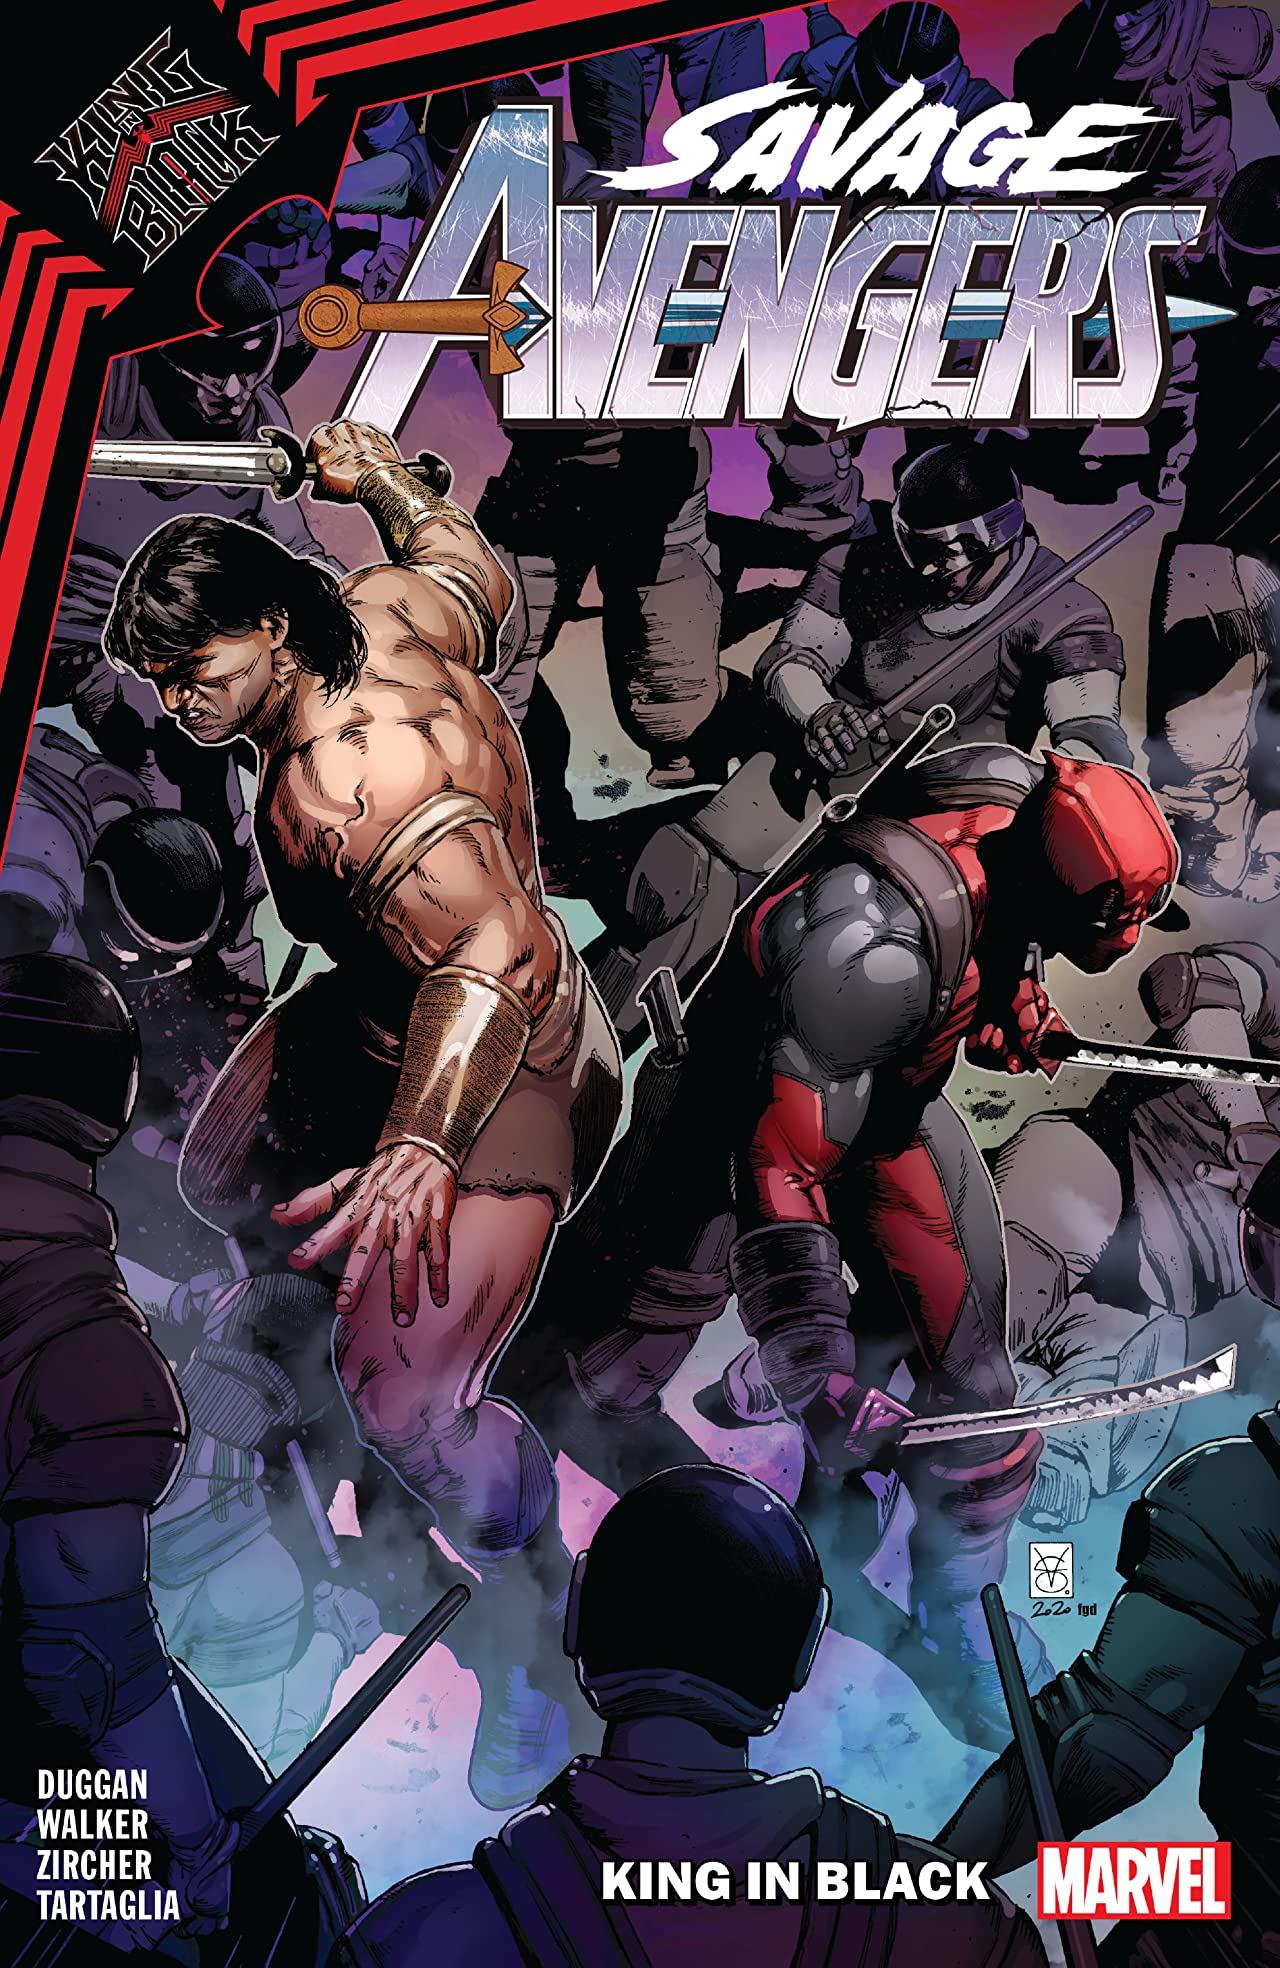 Savage Avengers, Vol. 4: King in Black